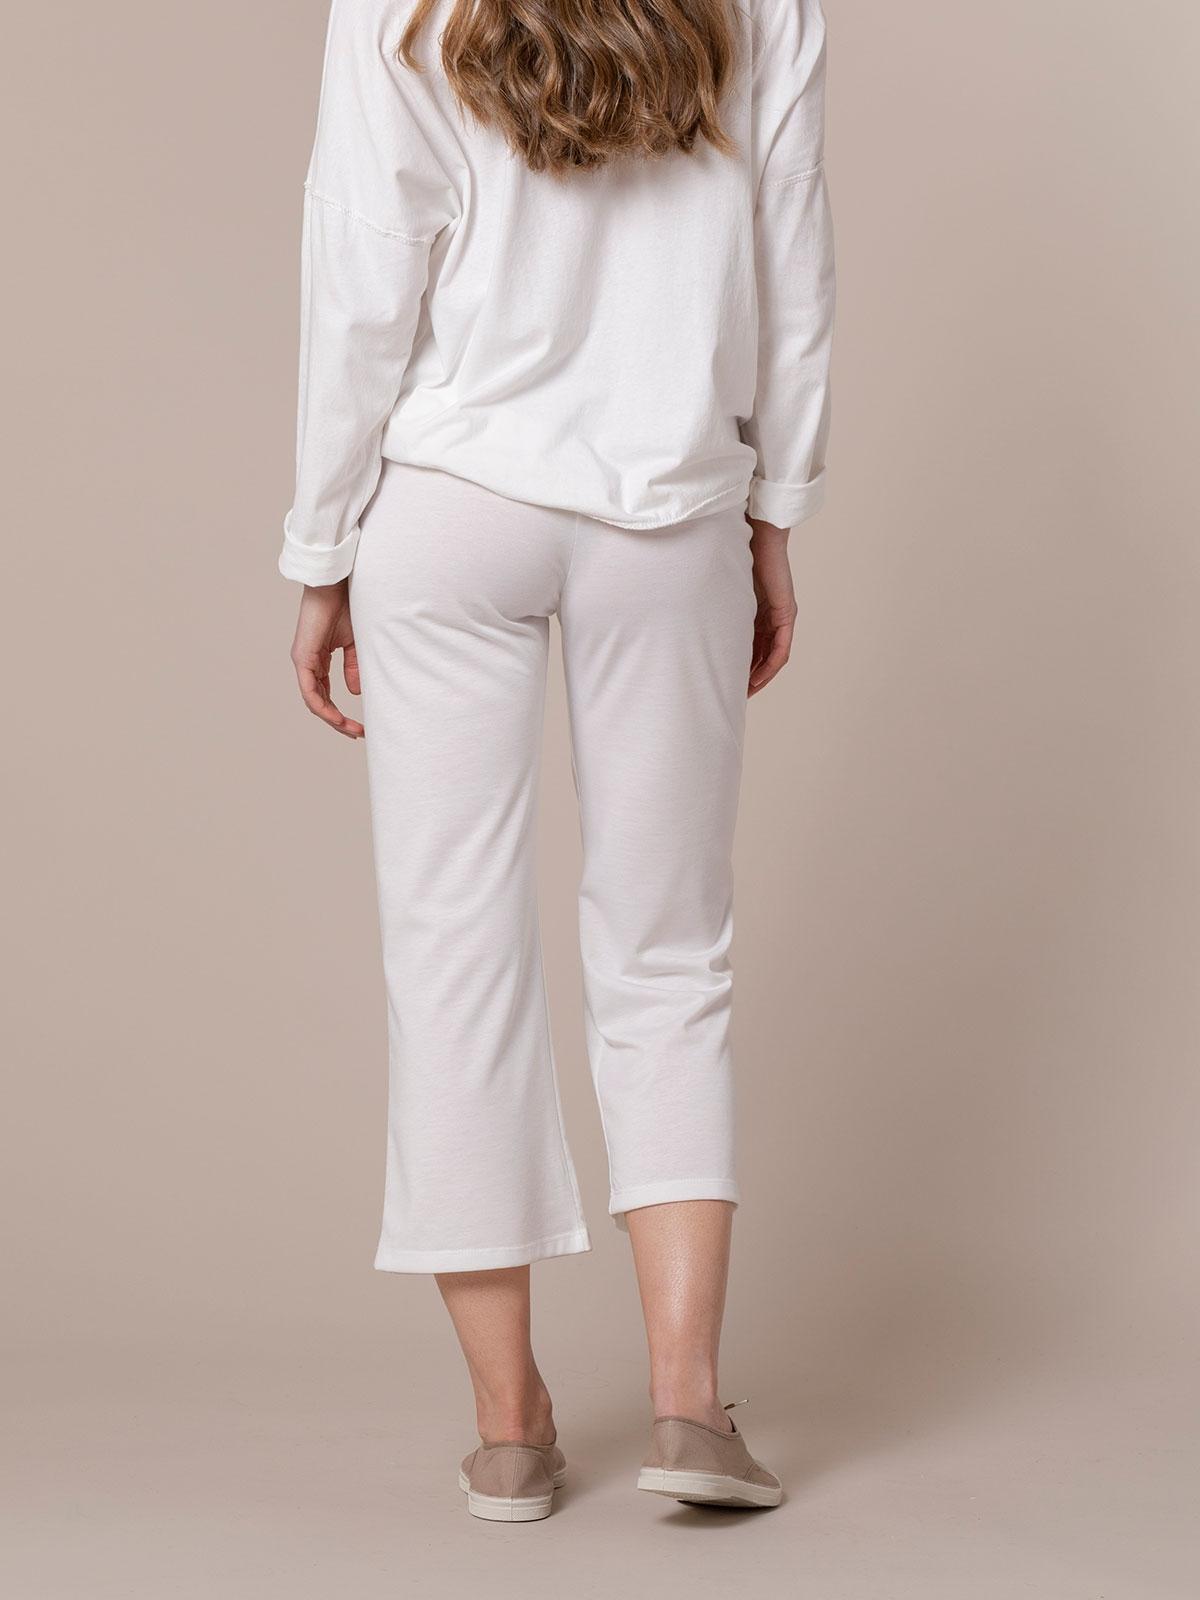 Pantalón mujer recortado ligeramente acampanado Blanco